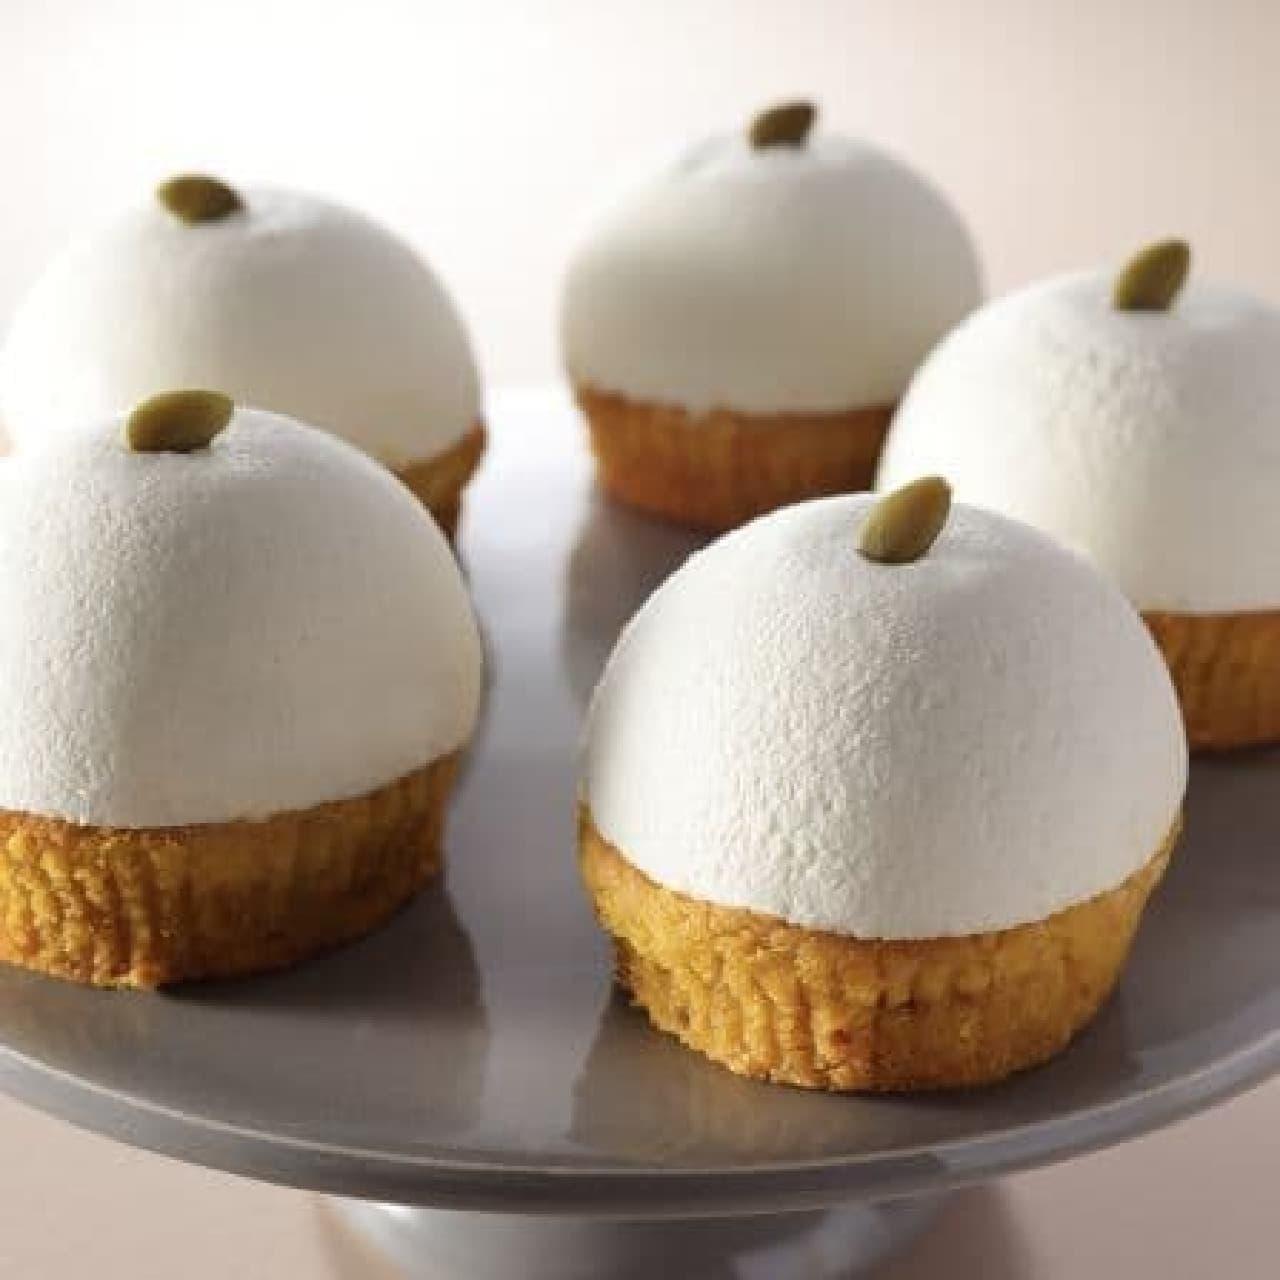 スターバックス「豆乳パンプキンケーキ」